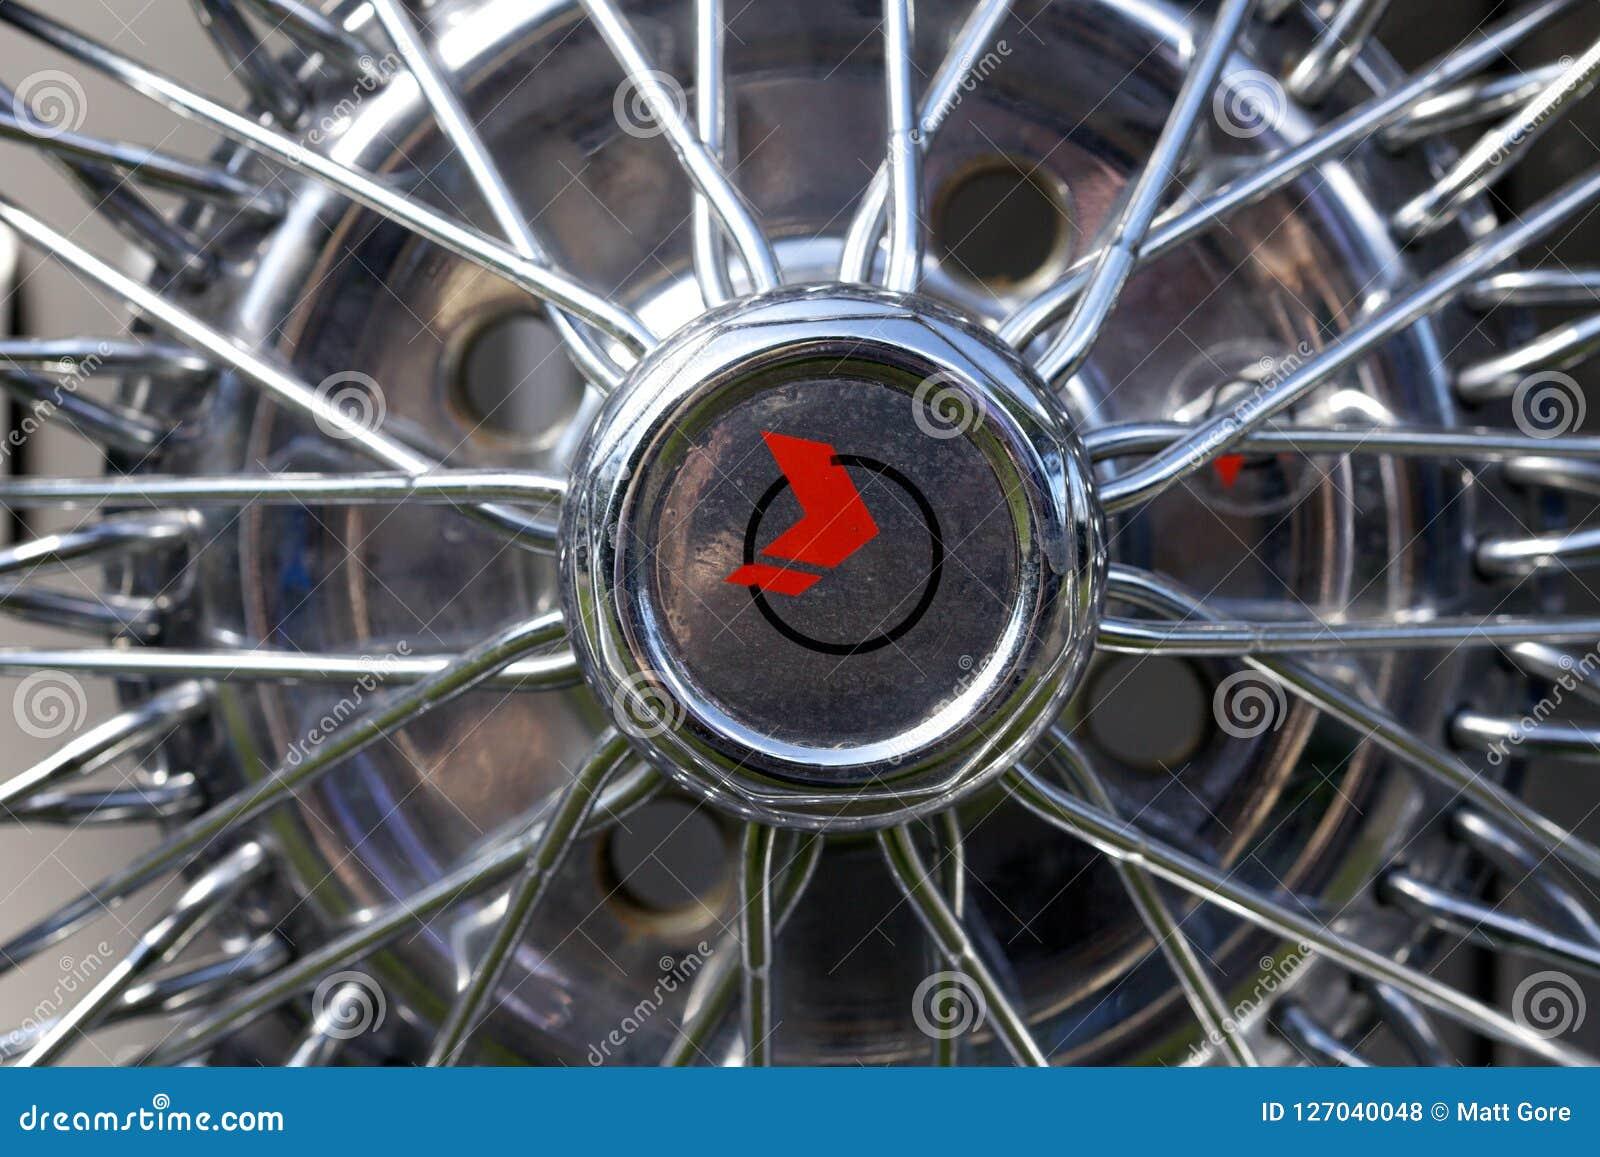 Chiuda su di un cappuccio di hub della ruota del raggio del cromo su un automobile classica